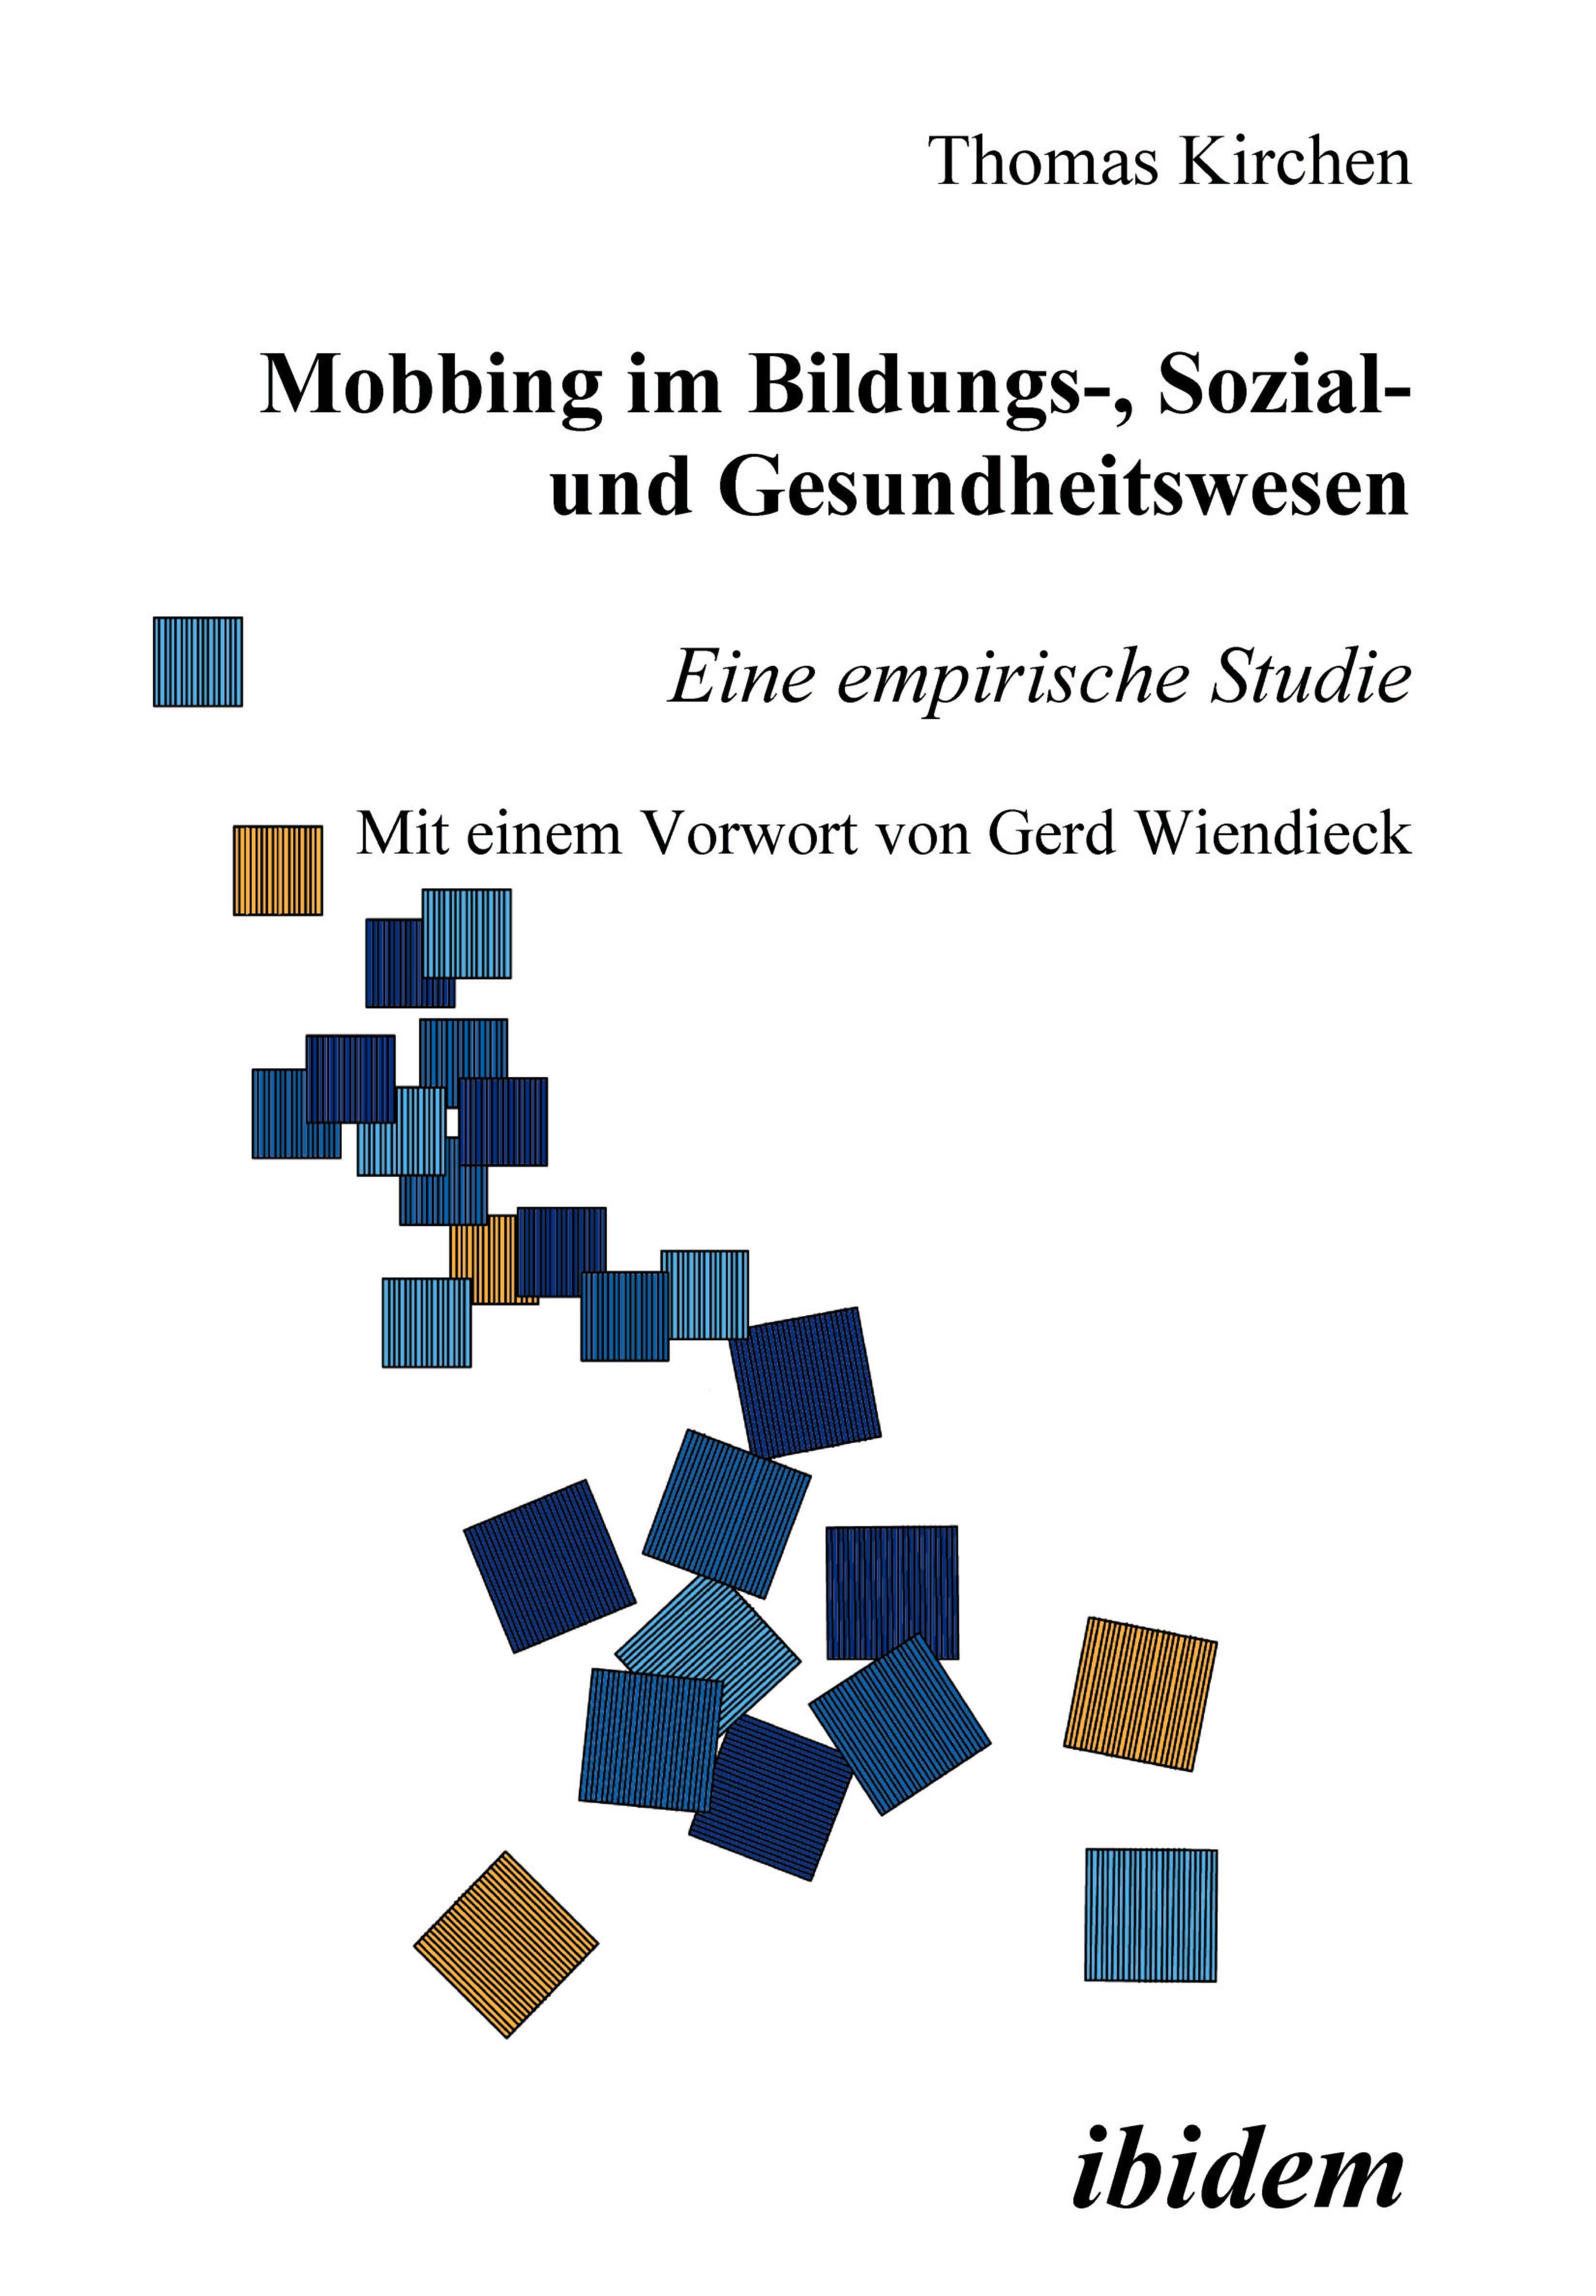 Mobbing im Bildungs-, Sozial- und Gesundheitswesen